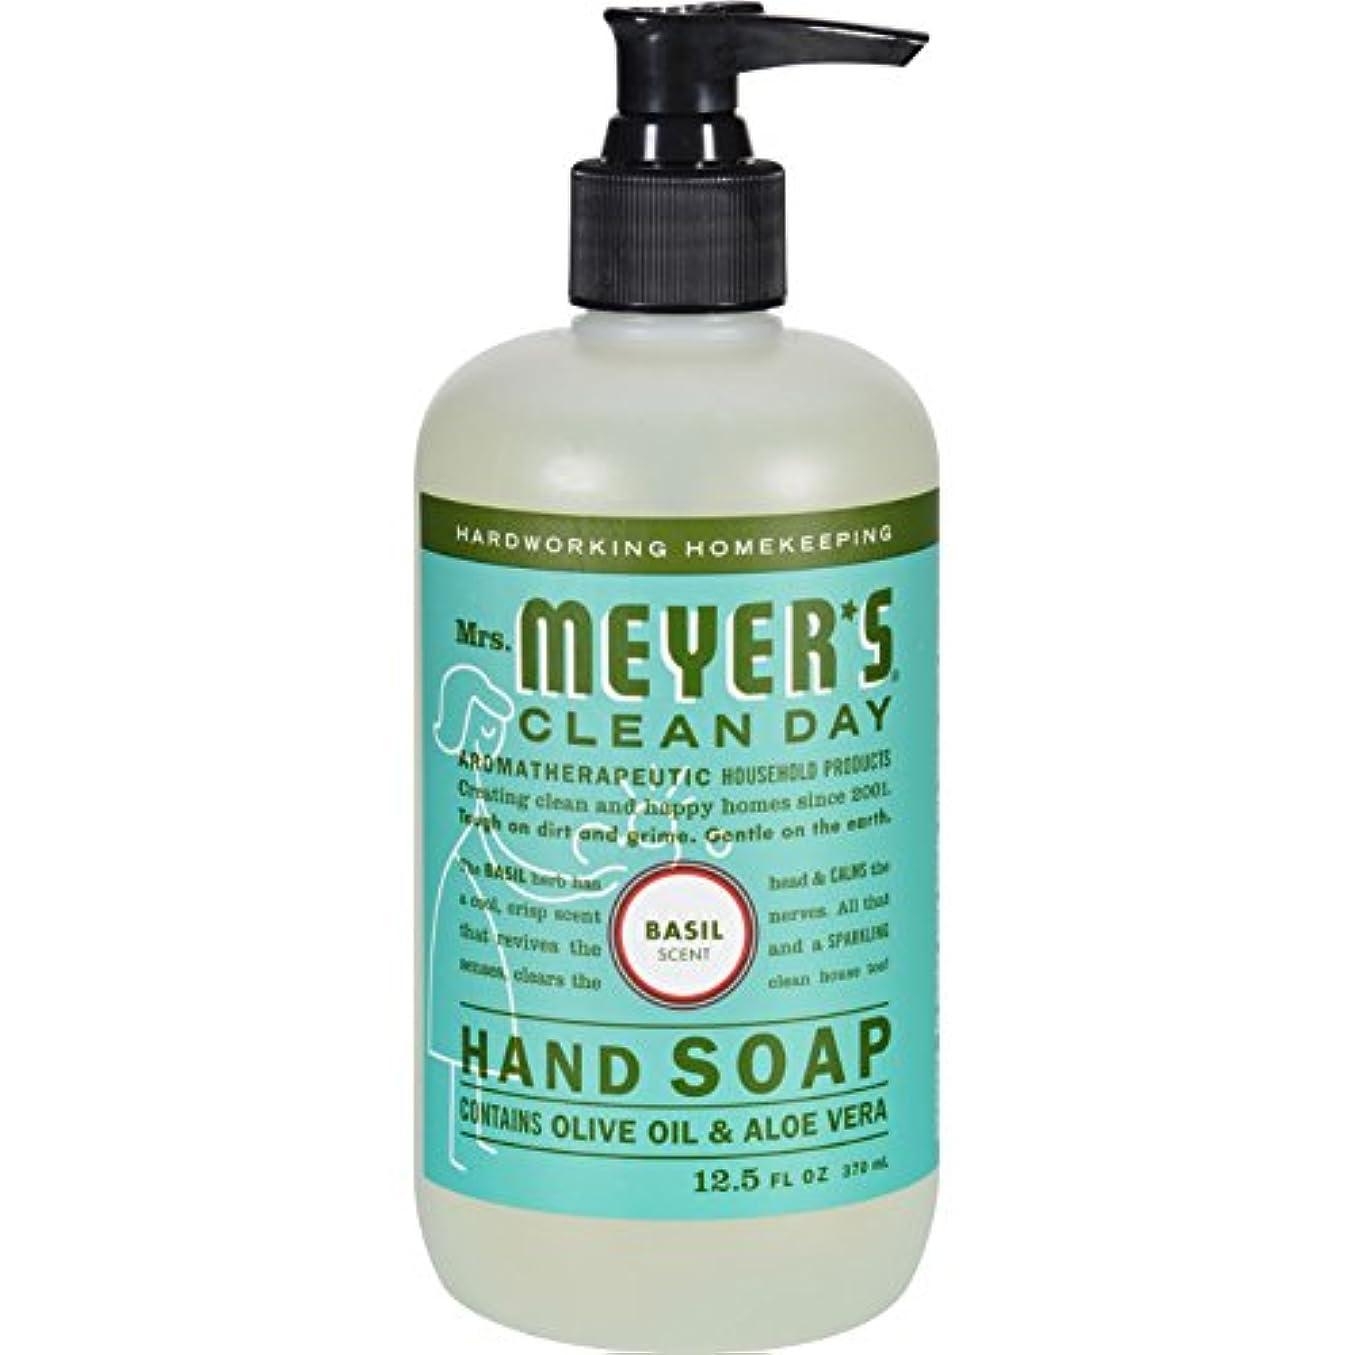 バトル火薬均等にMRS. MEYER'S HAND SOAP,LIQ,BASIL, 12.5 FZ by Mrs. Meyer's Clean Day